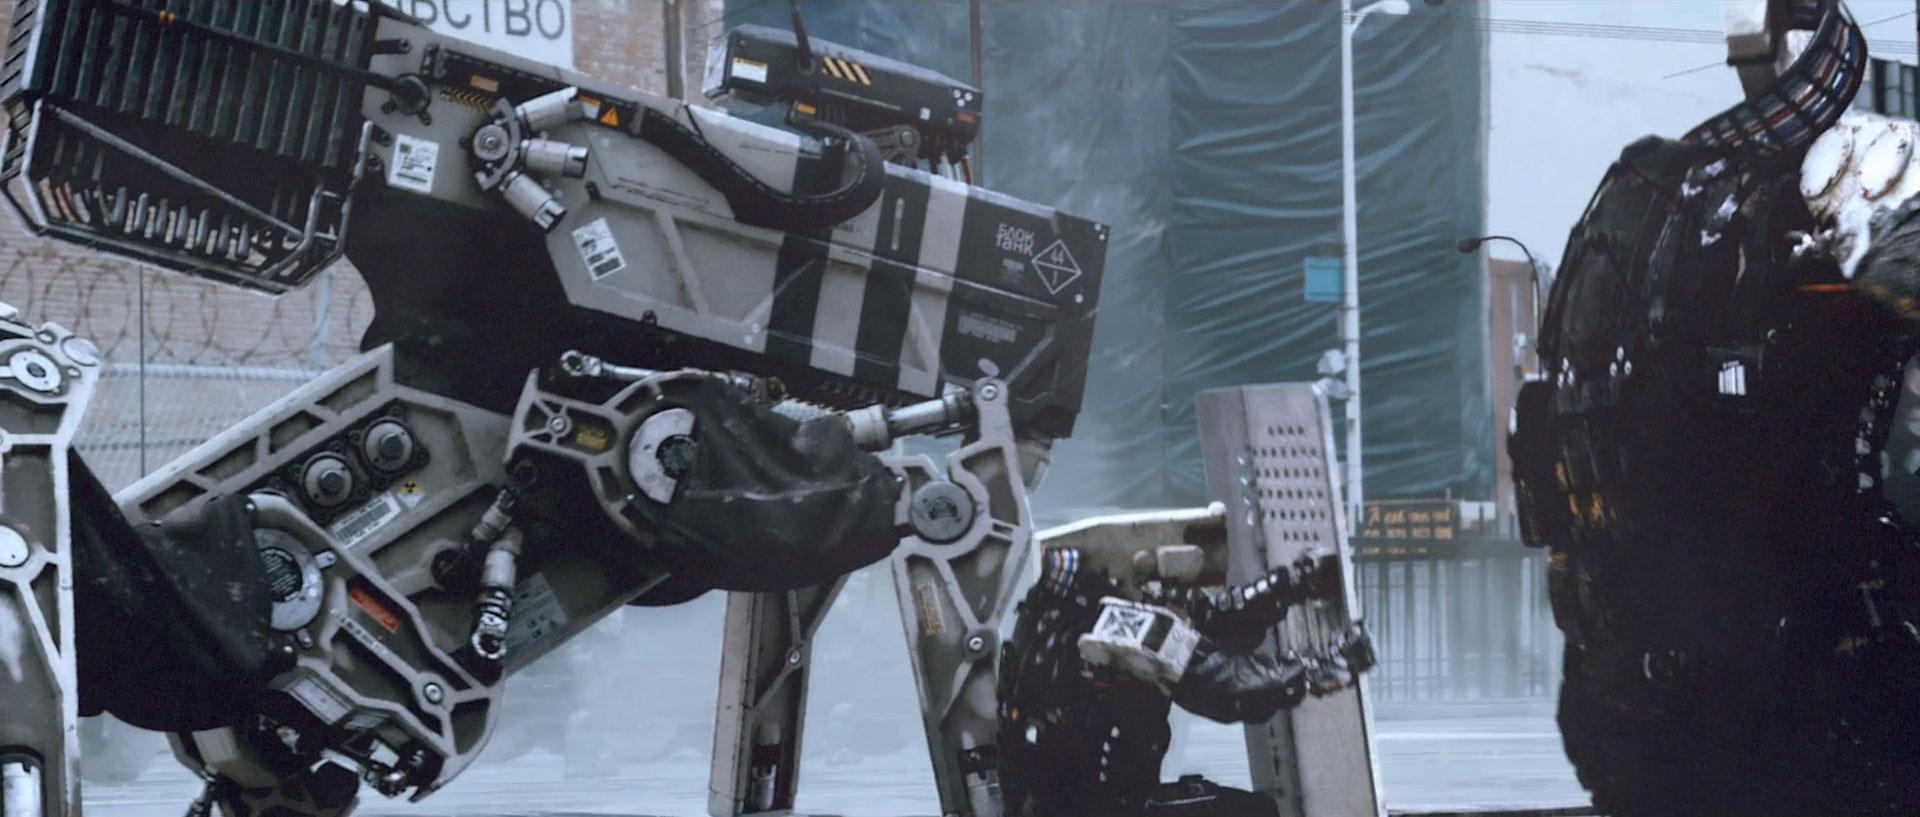 Keloid-Robot-Tank-Battle